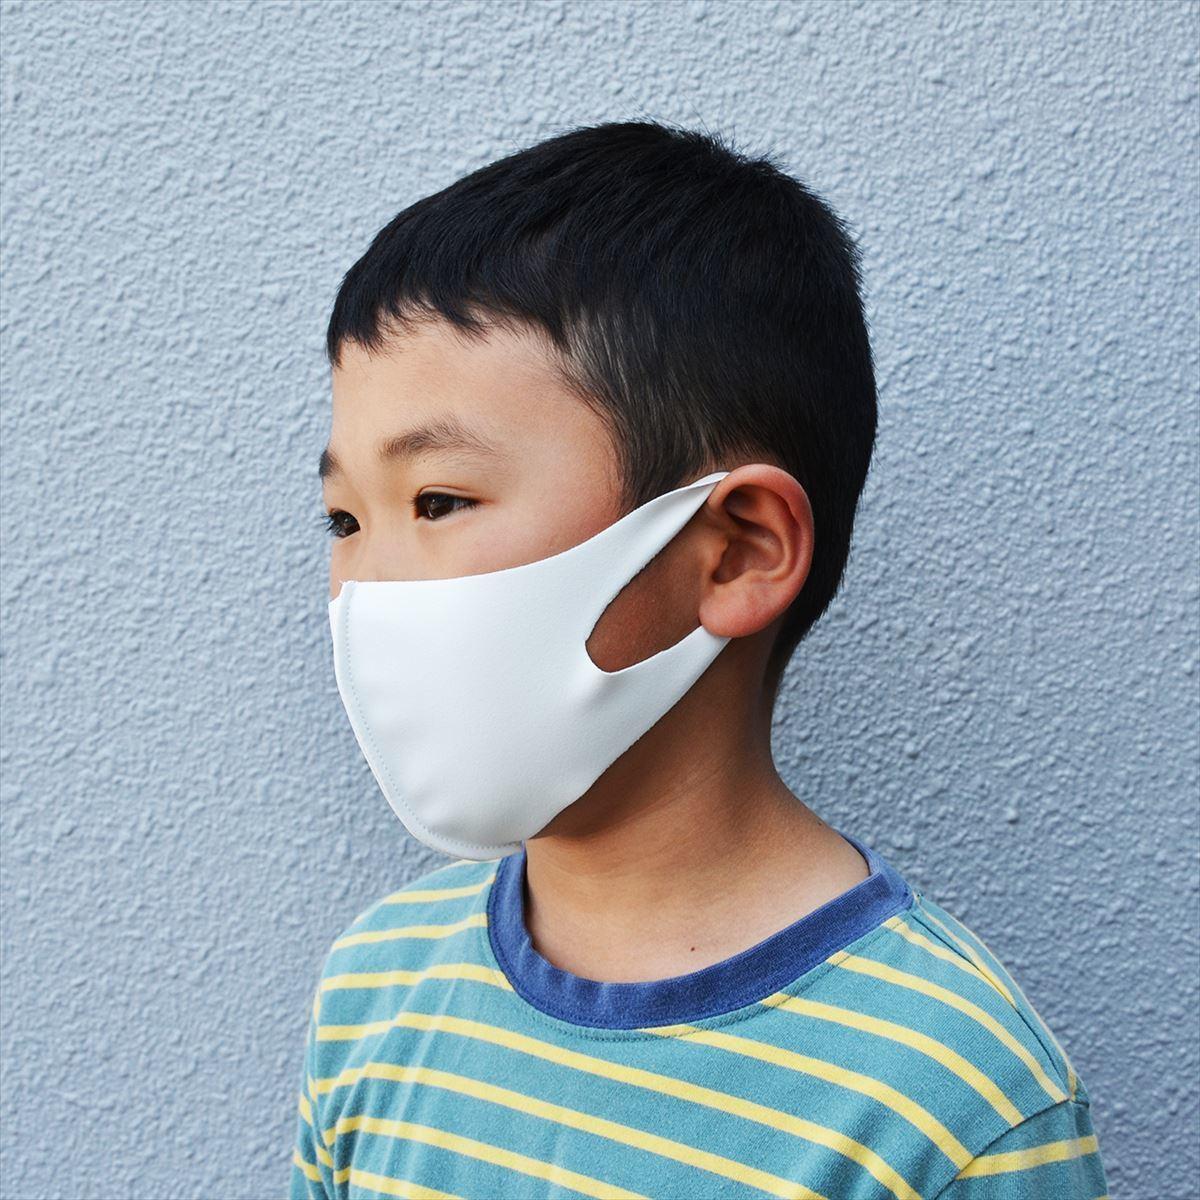 アイ マスク 購入 アパレル